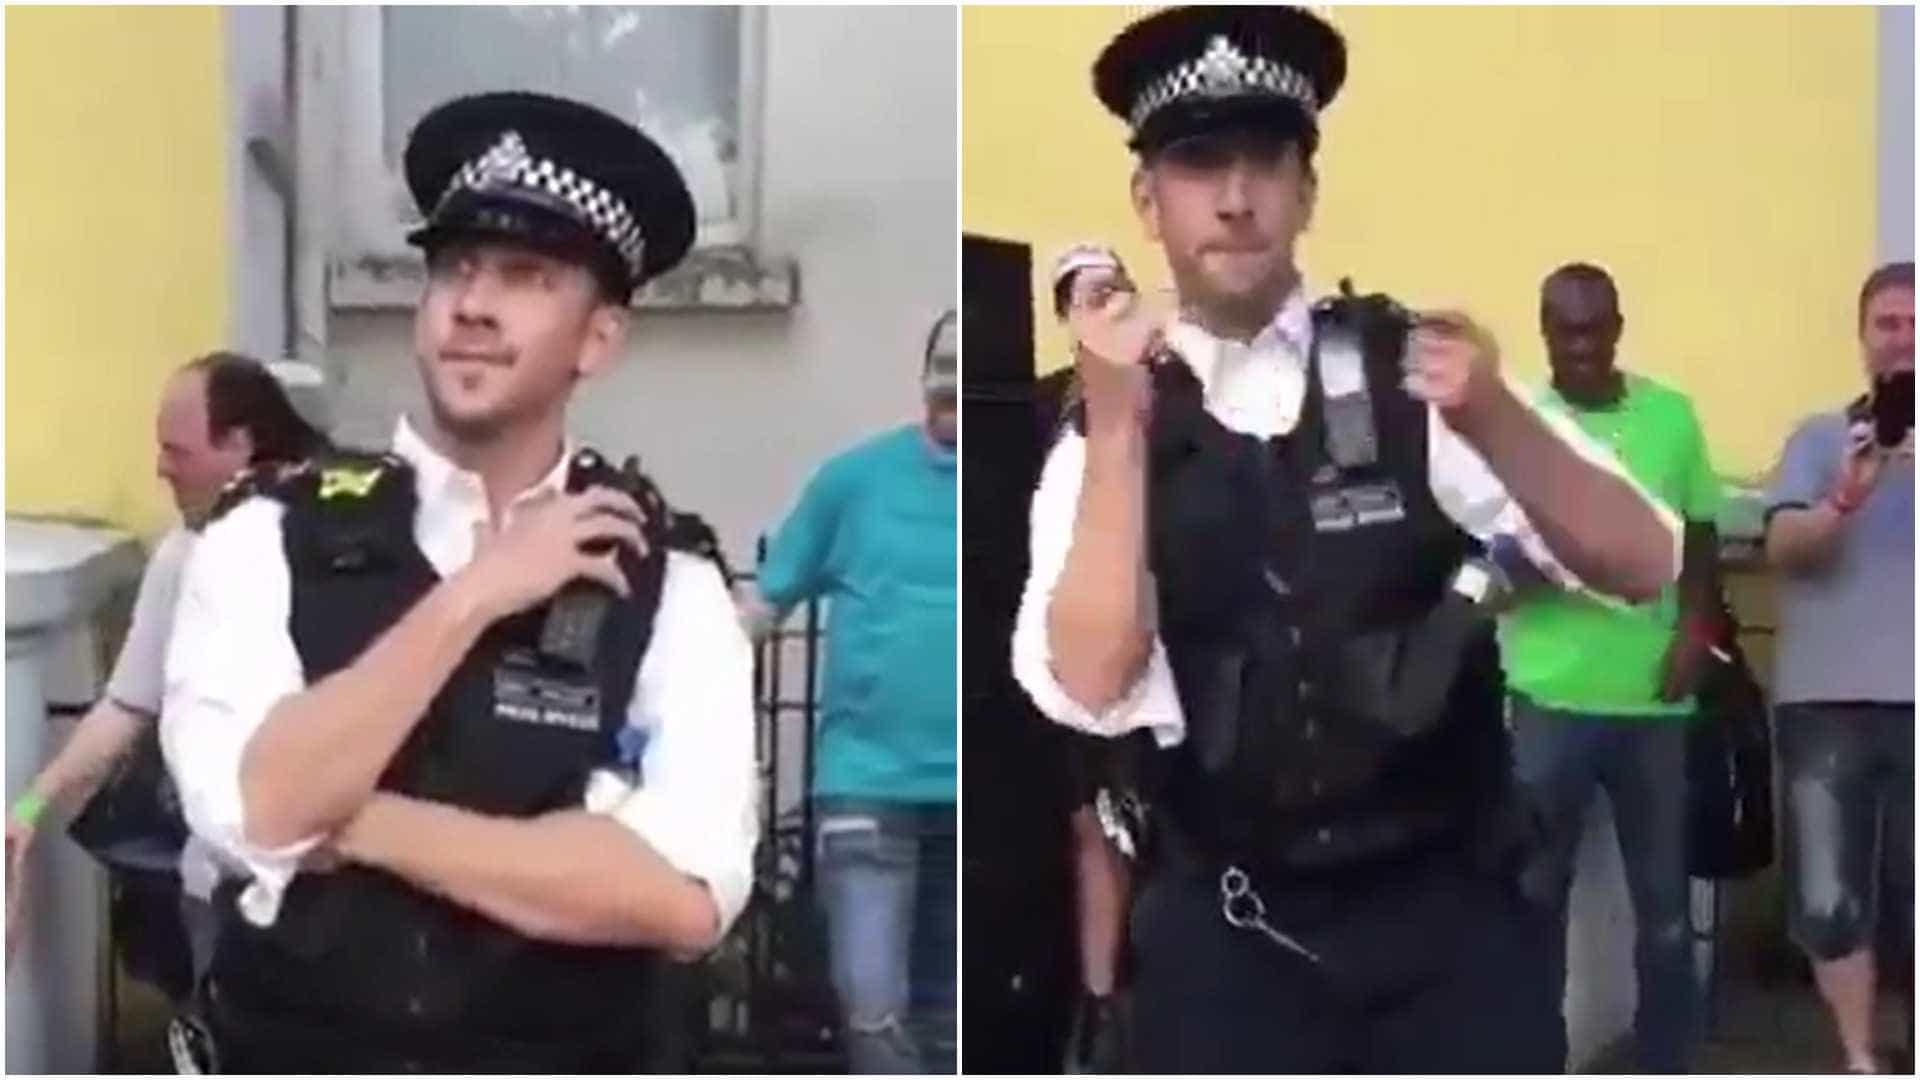 Policial dança junto com multidão no Carnaval da Inglaterra